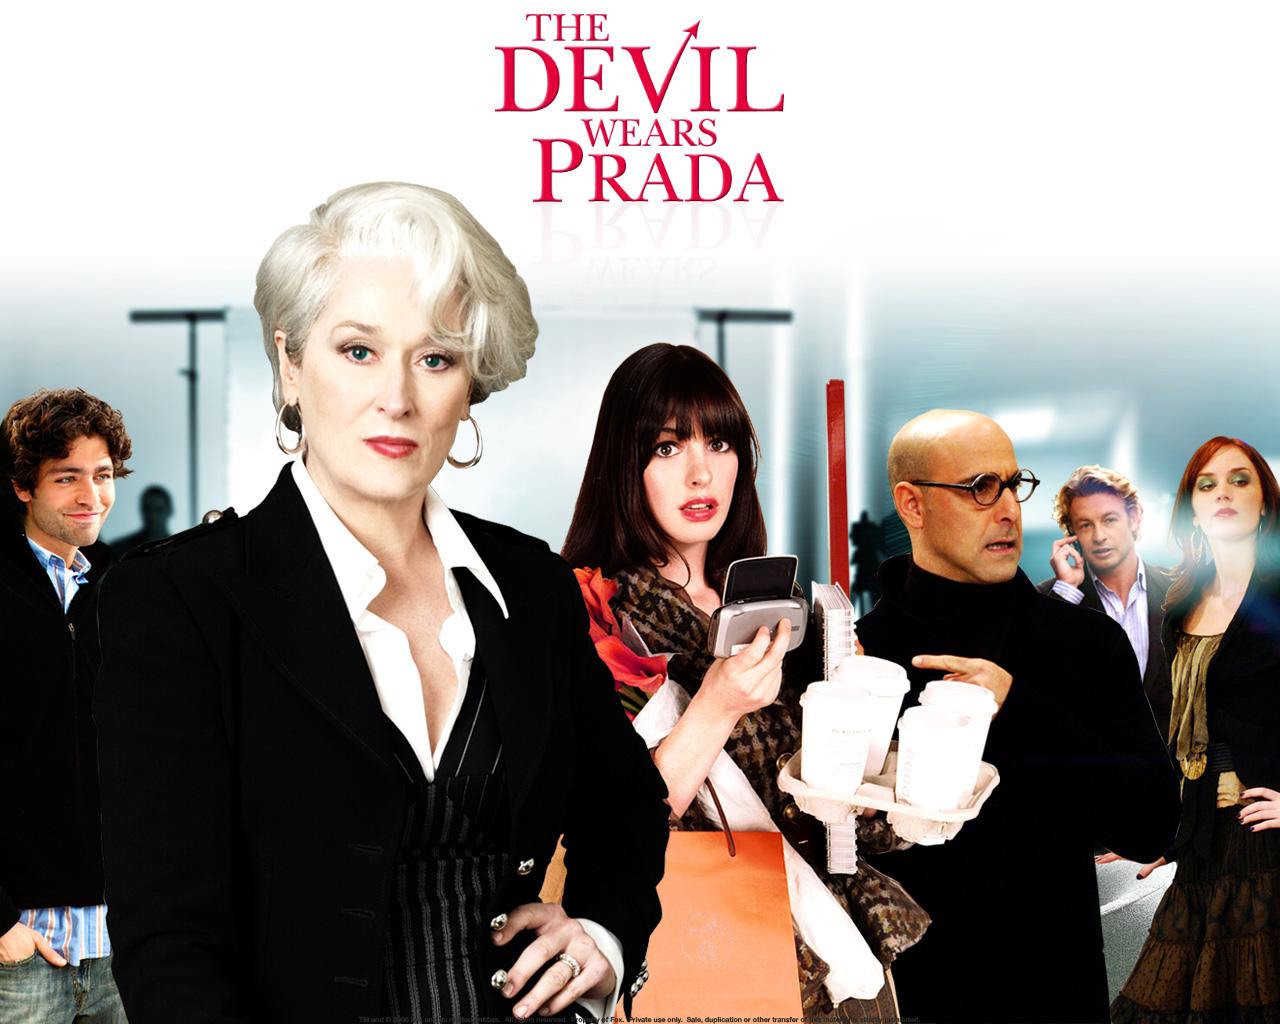 REVIEW## The Devil Wears Prada (2006) นางมารสวมปราด้า | มันใช่อ่ะ  มันเป๊ะมาก! [มีส้มป่อย] - Pantip